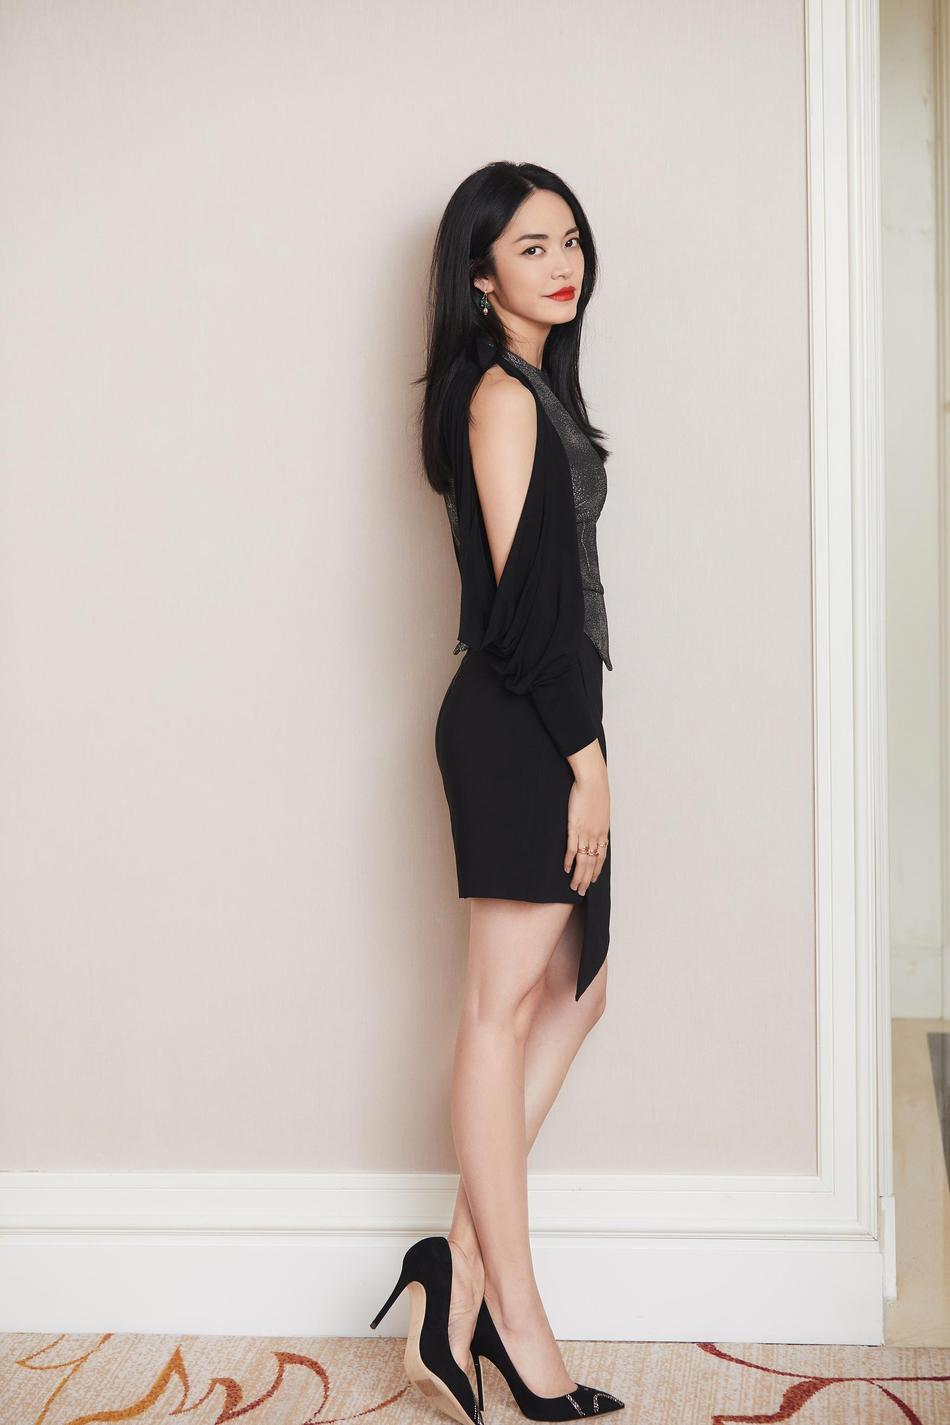 姚晨穿不规则黑裙大秀美腿 展现姣好身材比例